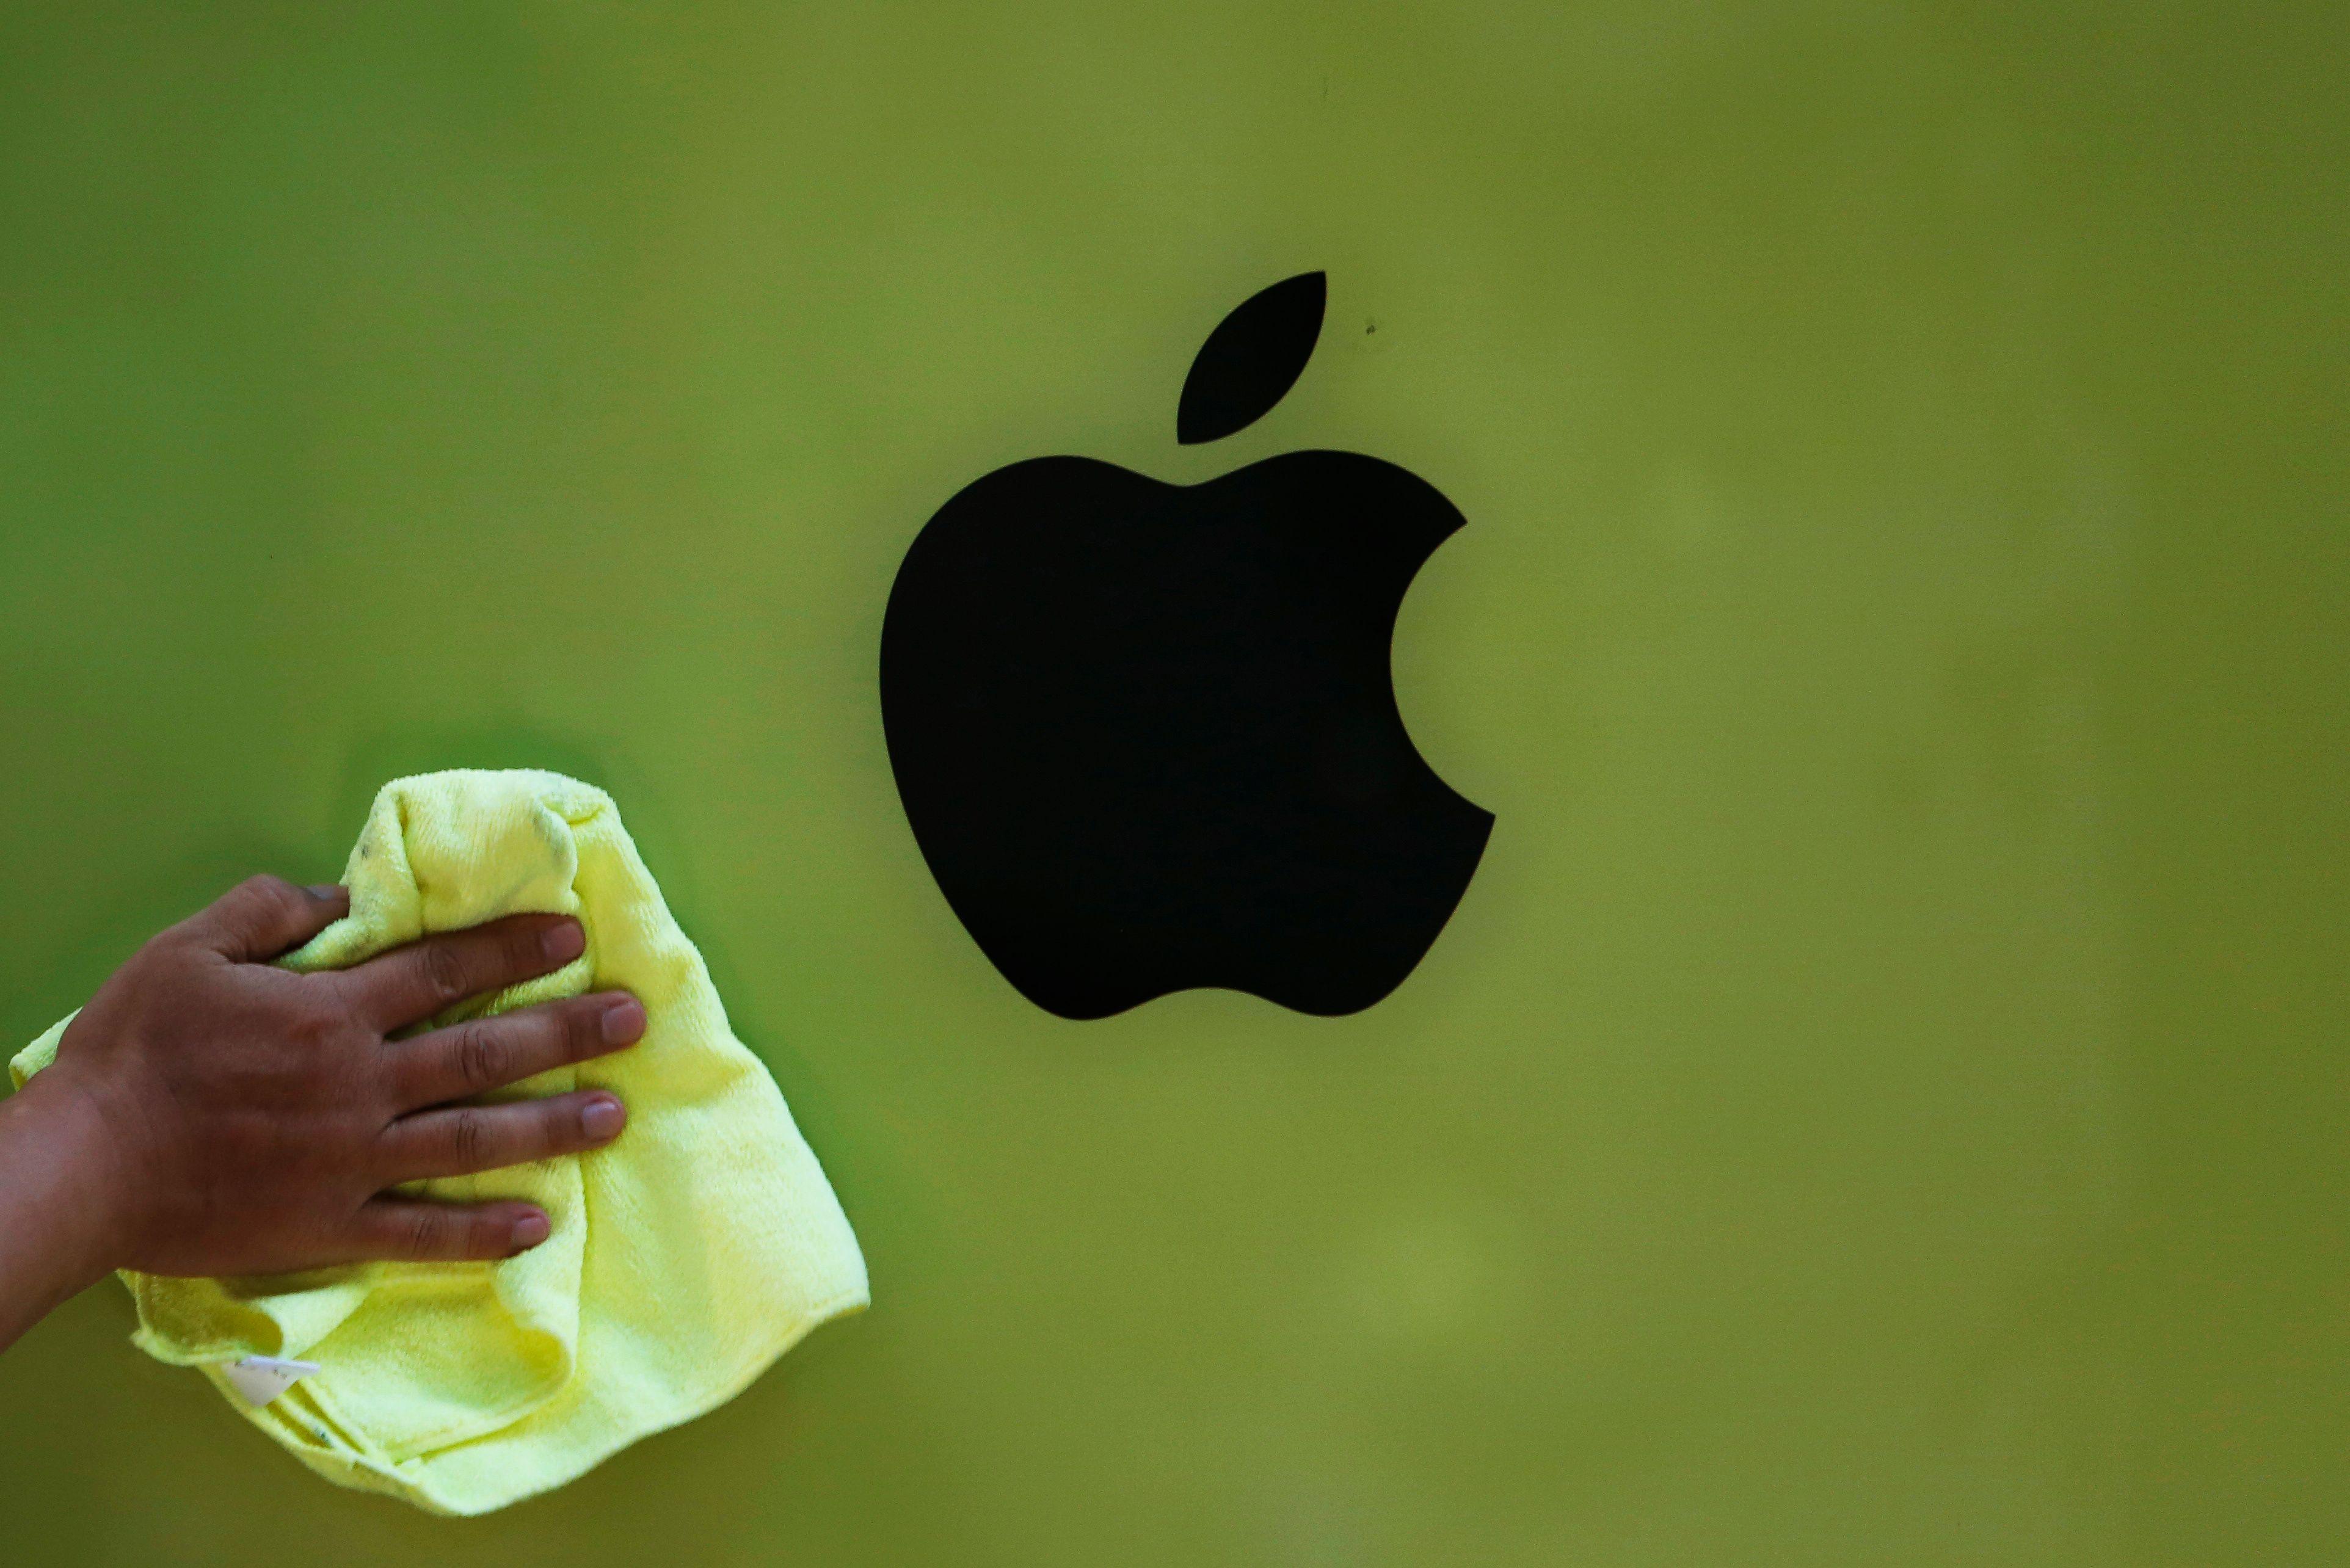 Apple a publié un communiqué annonçant un bug sur les réseaux, touchant le SSL et le TSL.